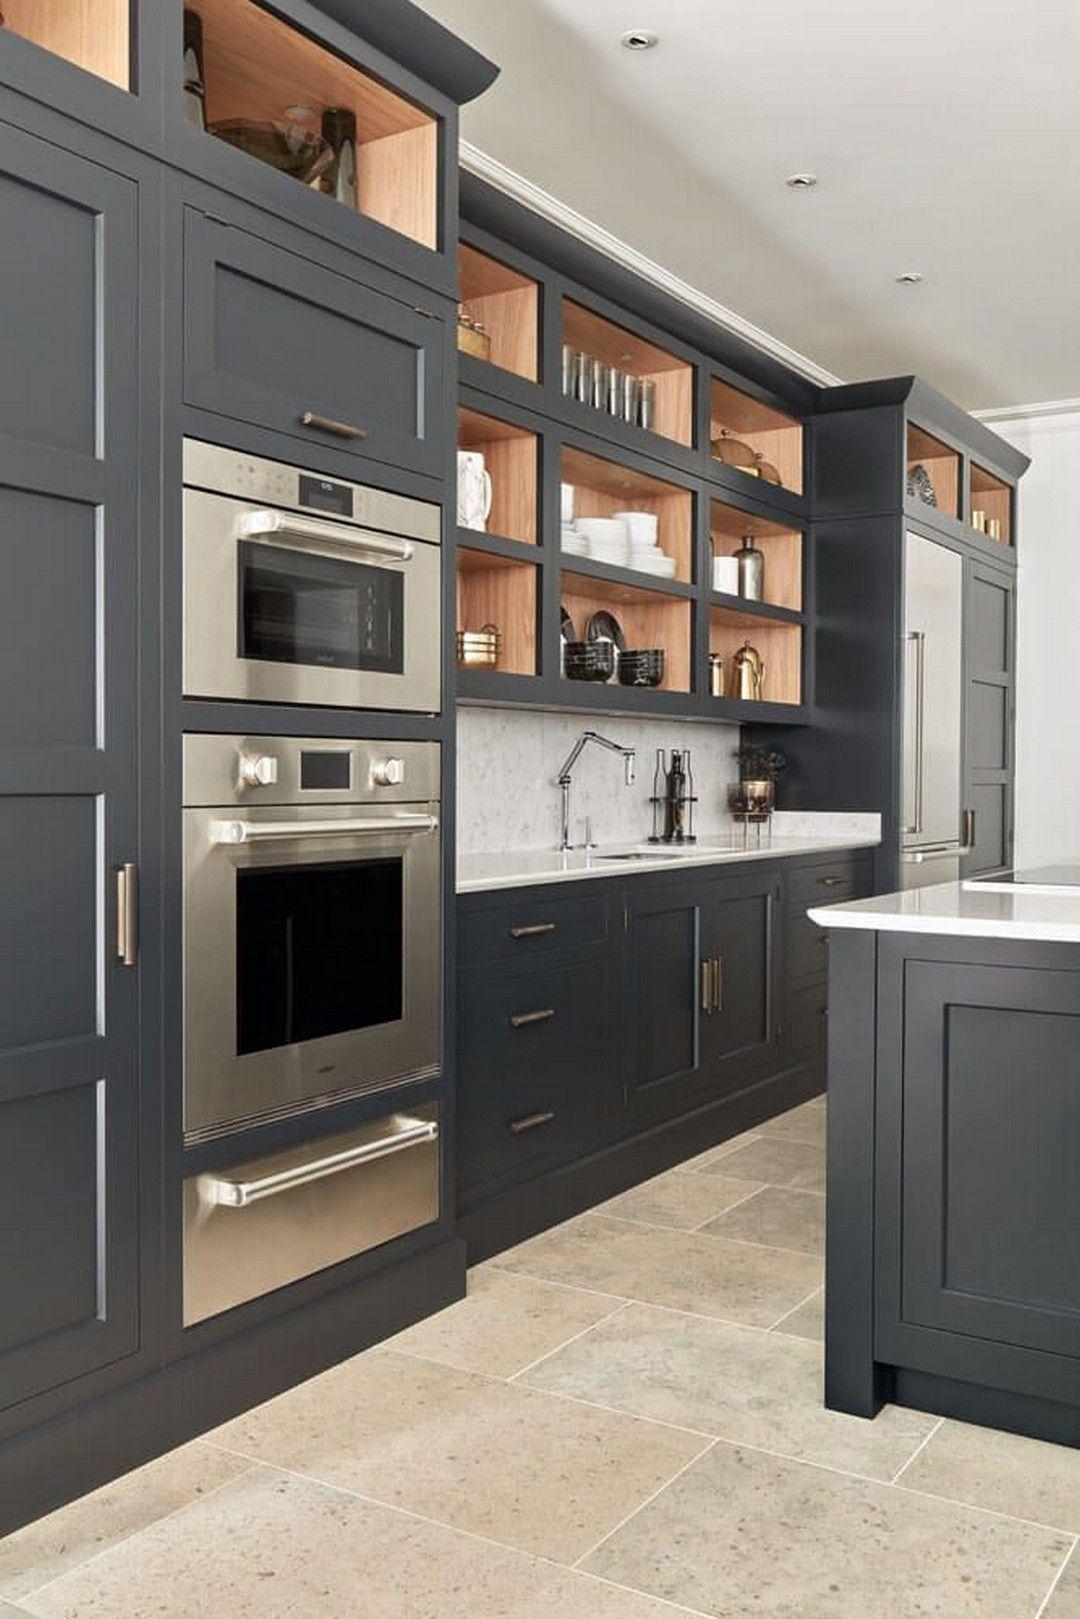 East Dulwich Kitchen Devol Kitchens Concrete Kitchen Floor Grey Kitchen Cabinets Kitchen Remodel